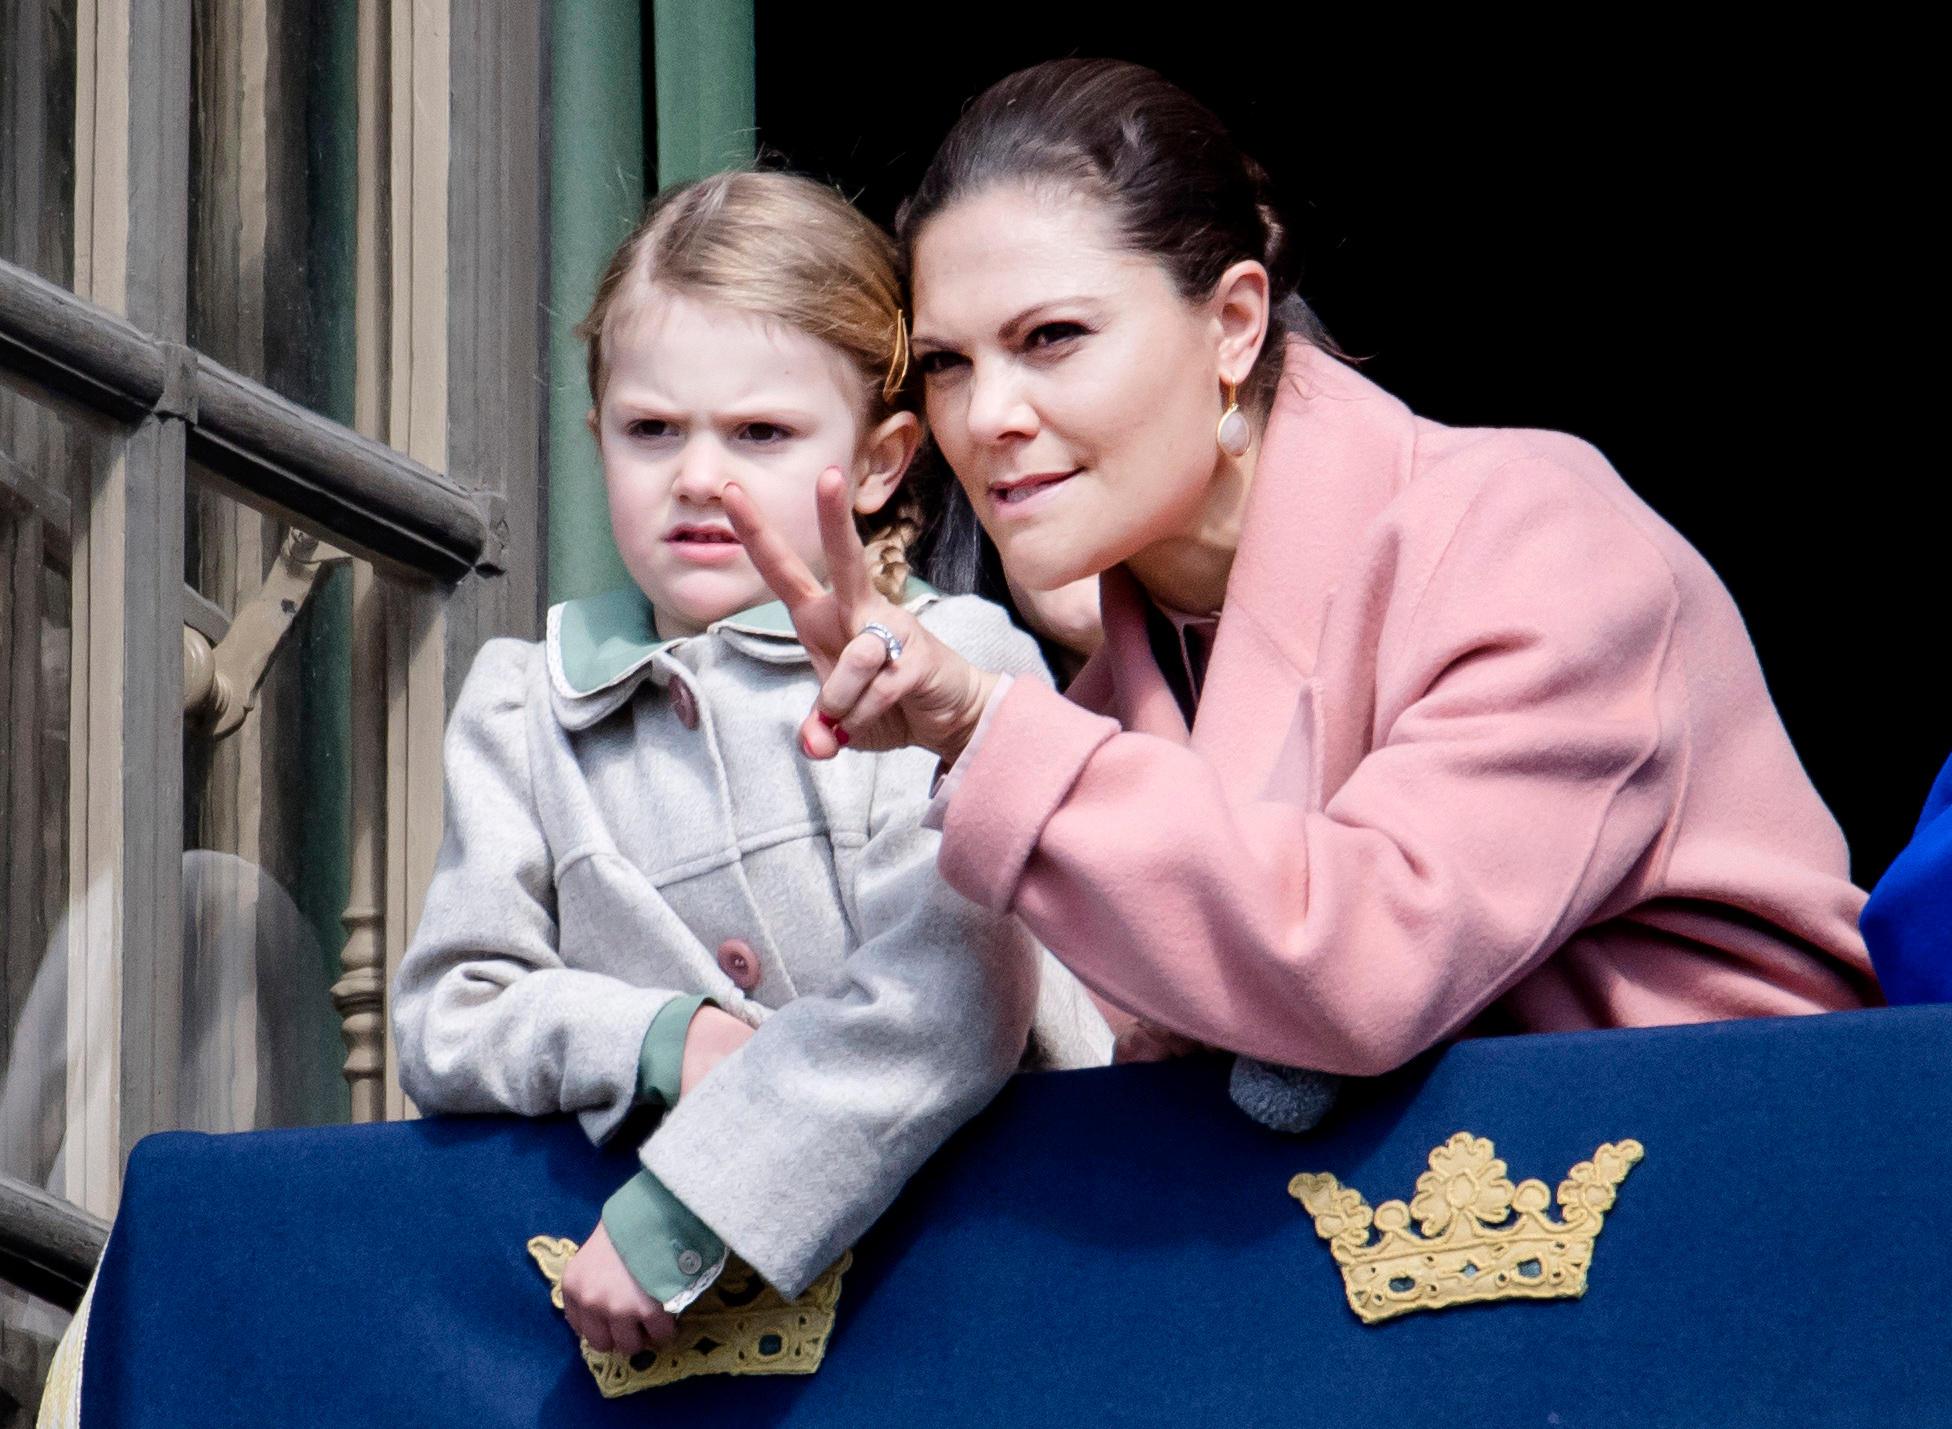 Prinzessin Estelle und Prinzessin Victoria bei den Feierlichkeiten zum 70. Geburtstag von König Carl Gustaf.